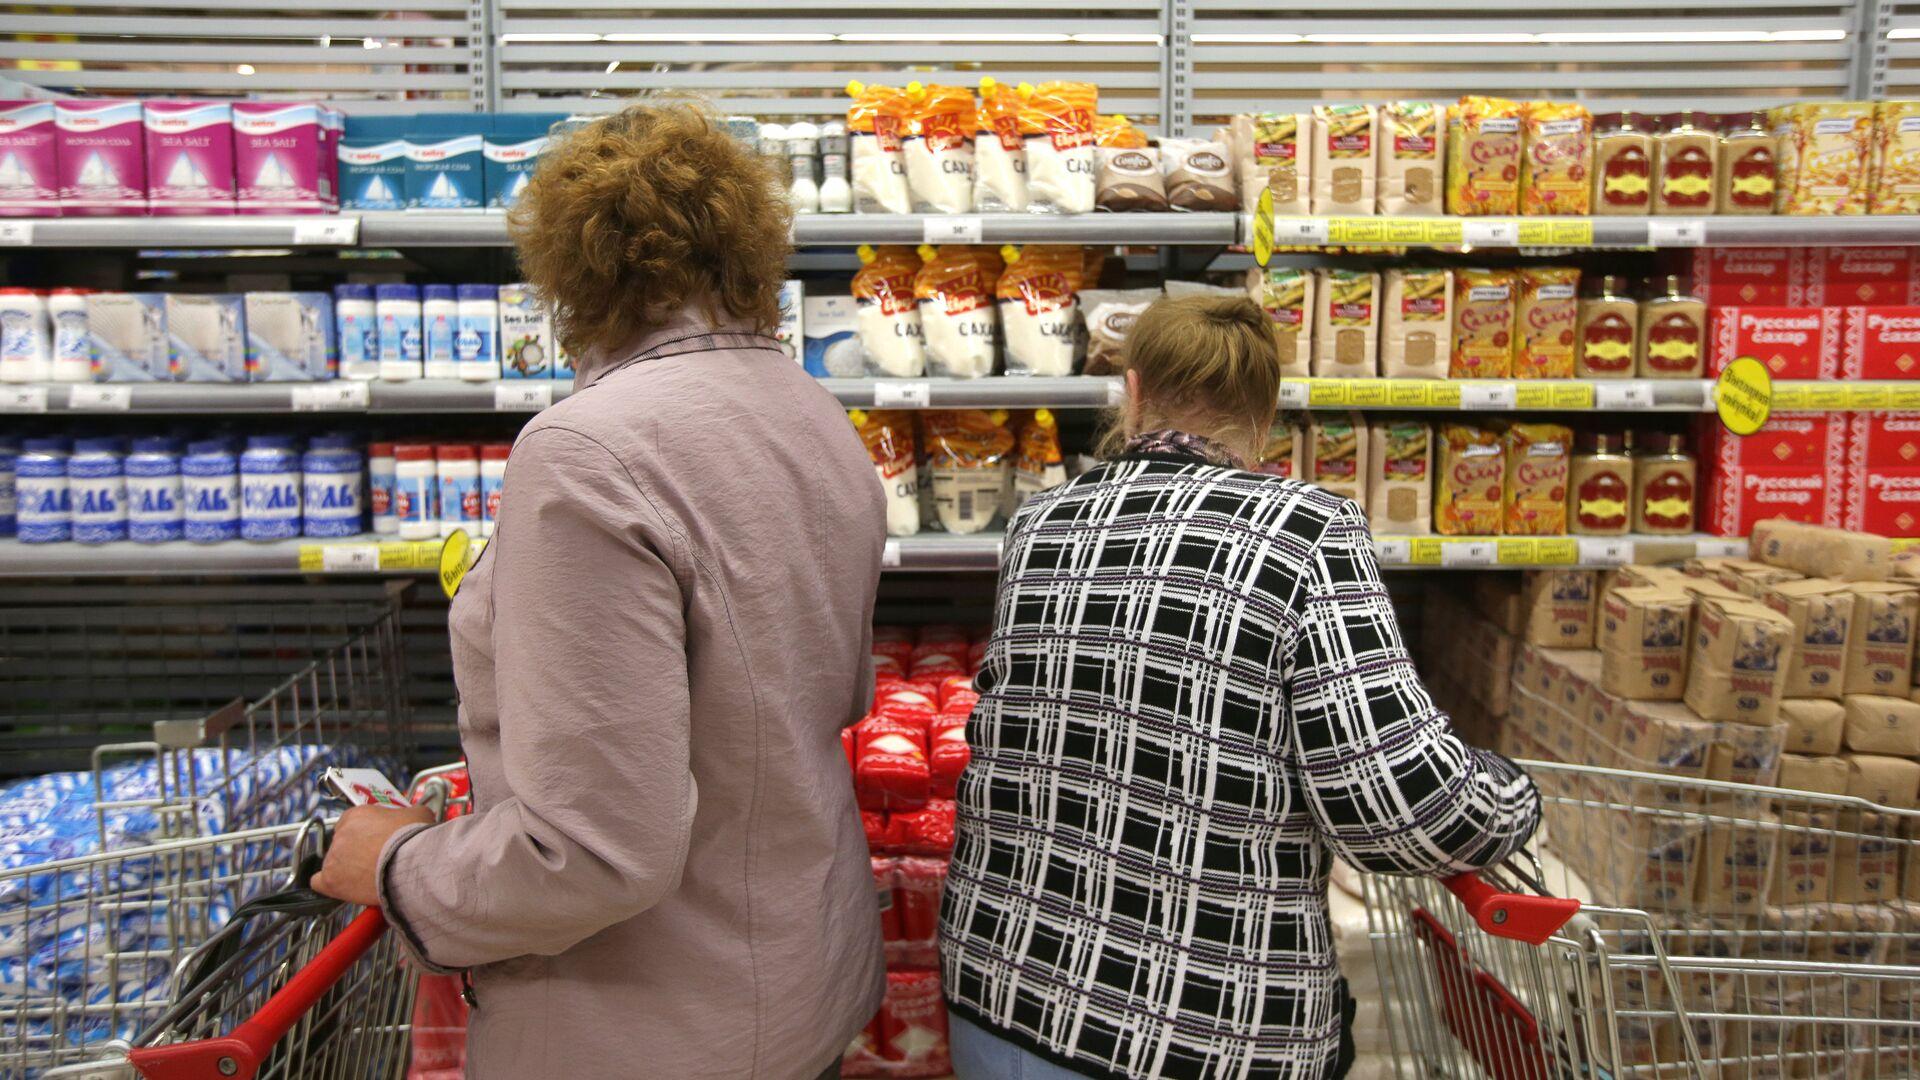 Покупатели в торговом зале гипермаркета - РИА Новости, 1920, 05.03.2021